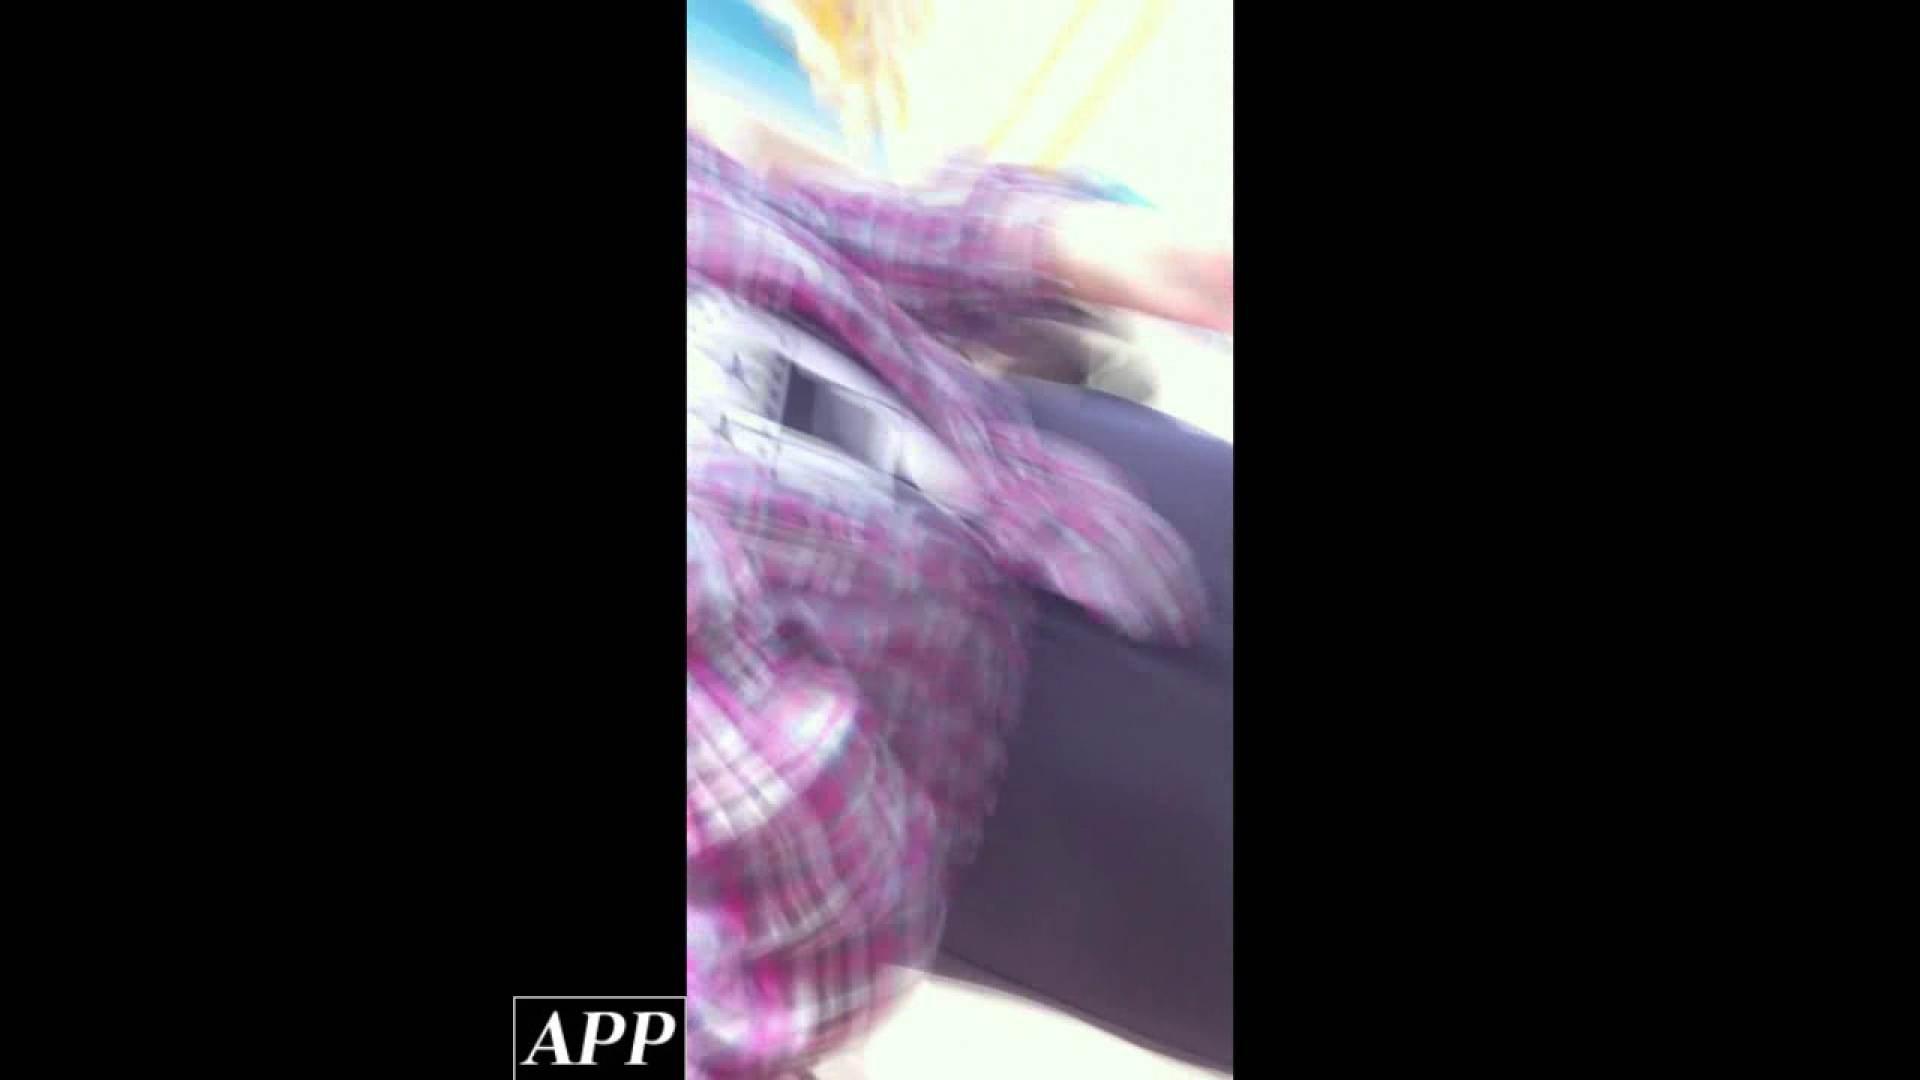 ハイビジョン盗撮!ショップ店員千人斬り!胸チラ編 vol.94 チクビ SEX無修正画像 96pic 23